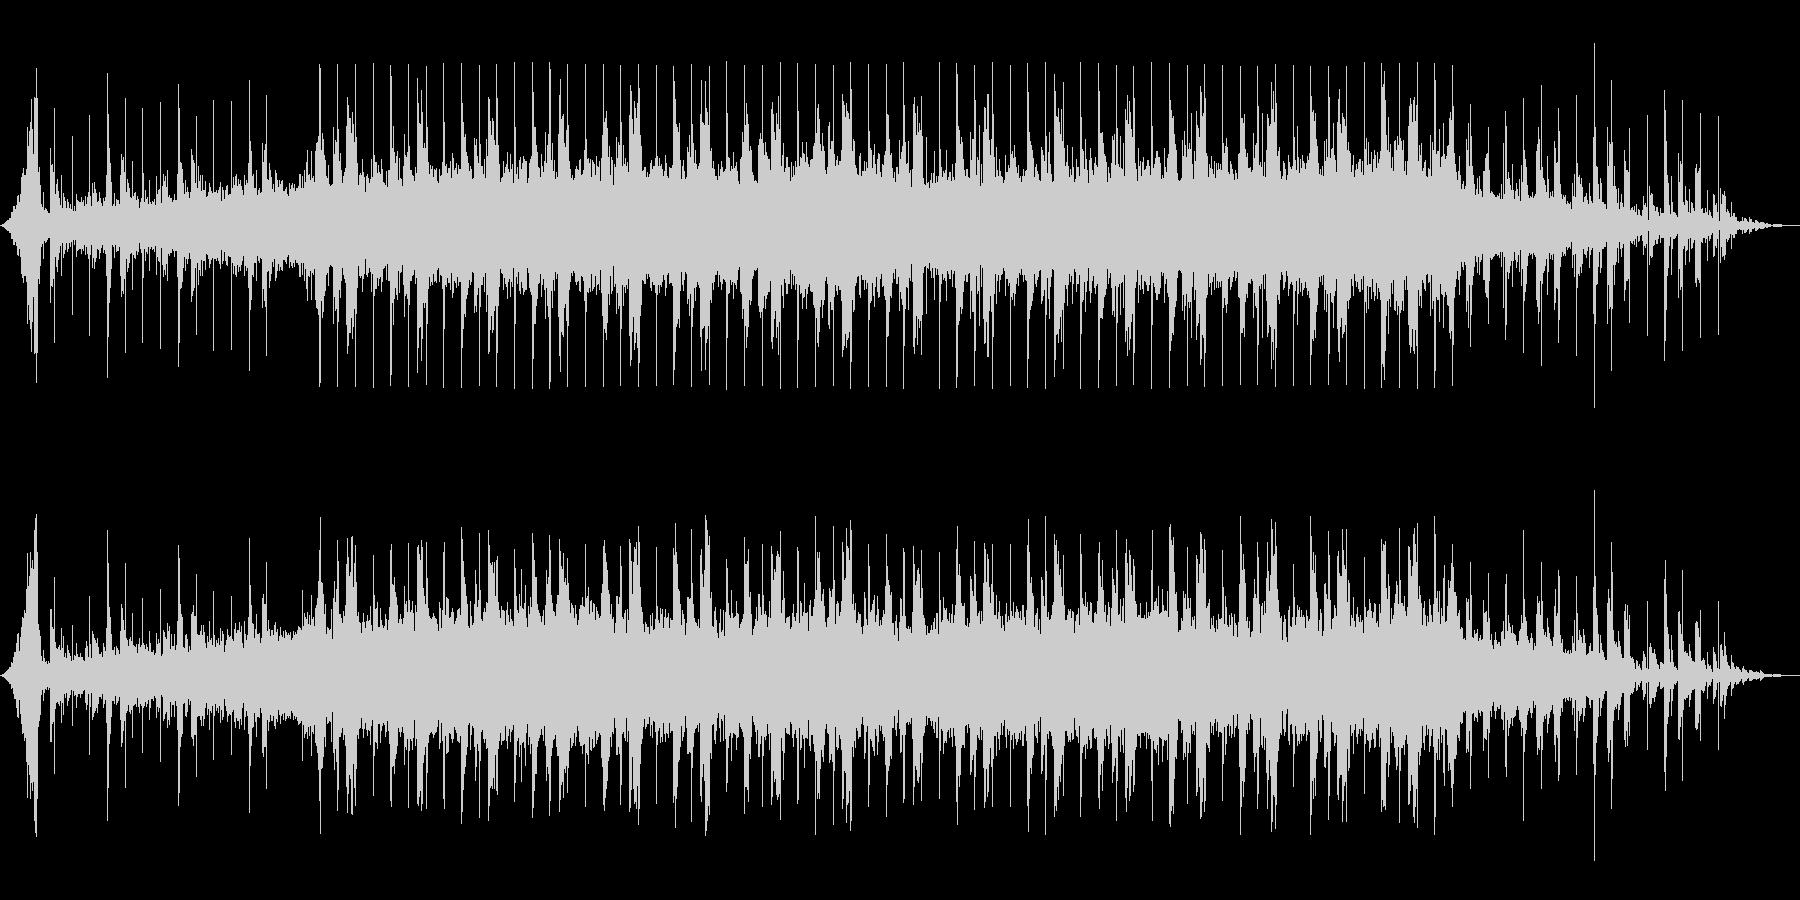 明るく透明感のあるギター・ピアノポップの未再生の波形